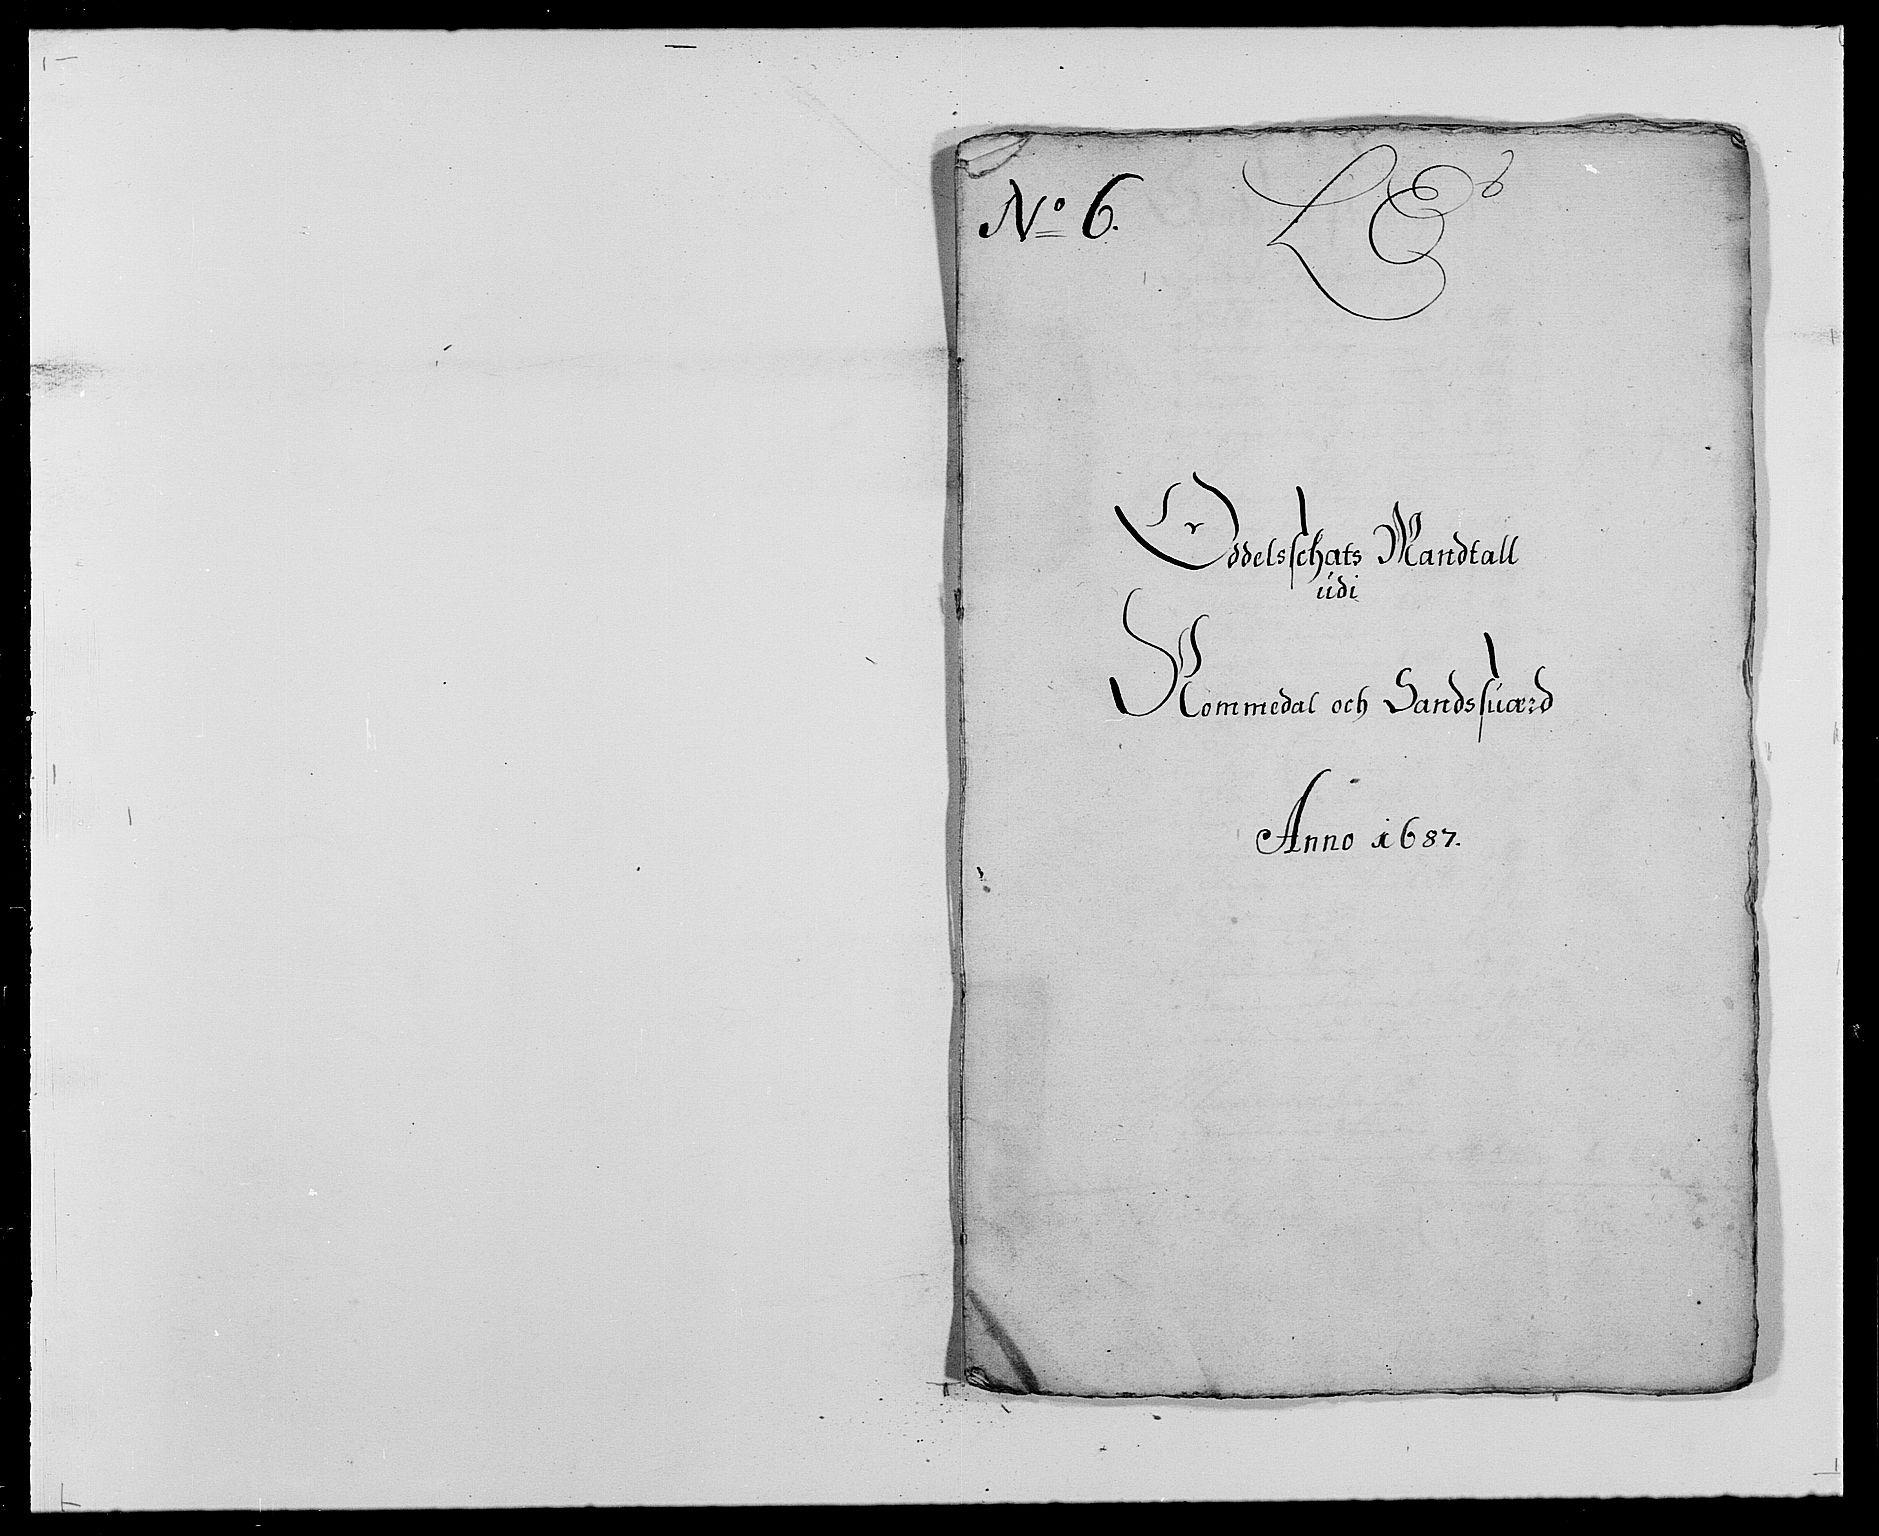 RA, Rentekammeret inntil 1814, Reviderte regnskaper, Fogderegnskap, R24/L1573: Fogderegnskap Numedal og Sandsvær, 1687-1691, s. 155